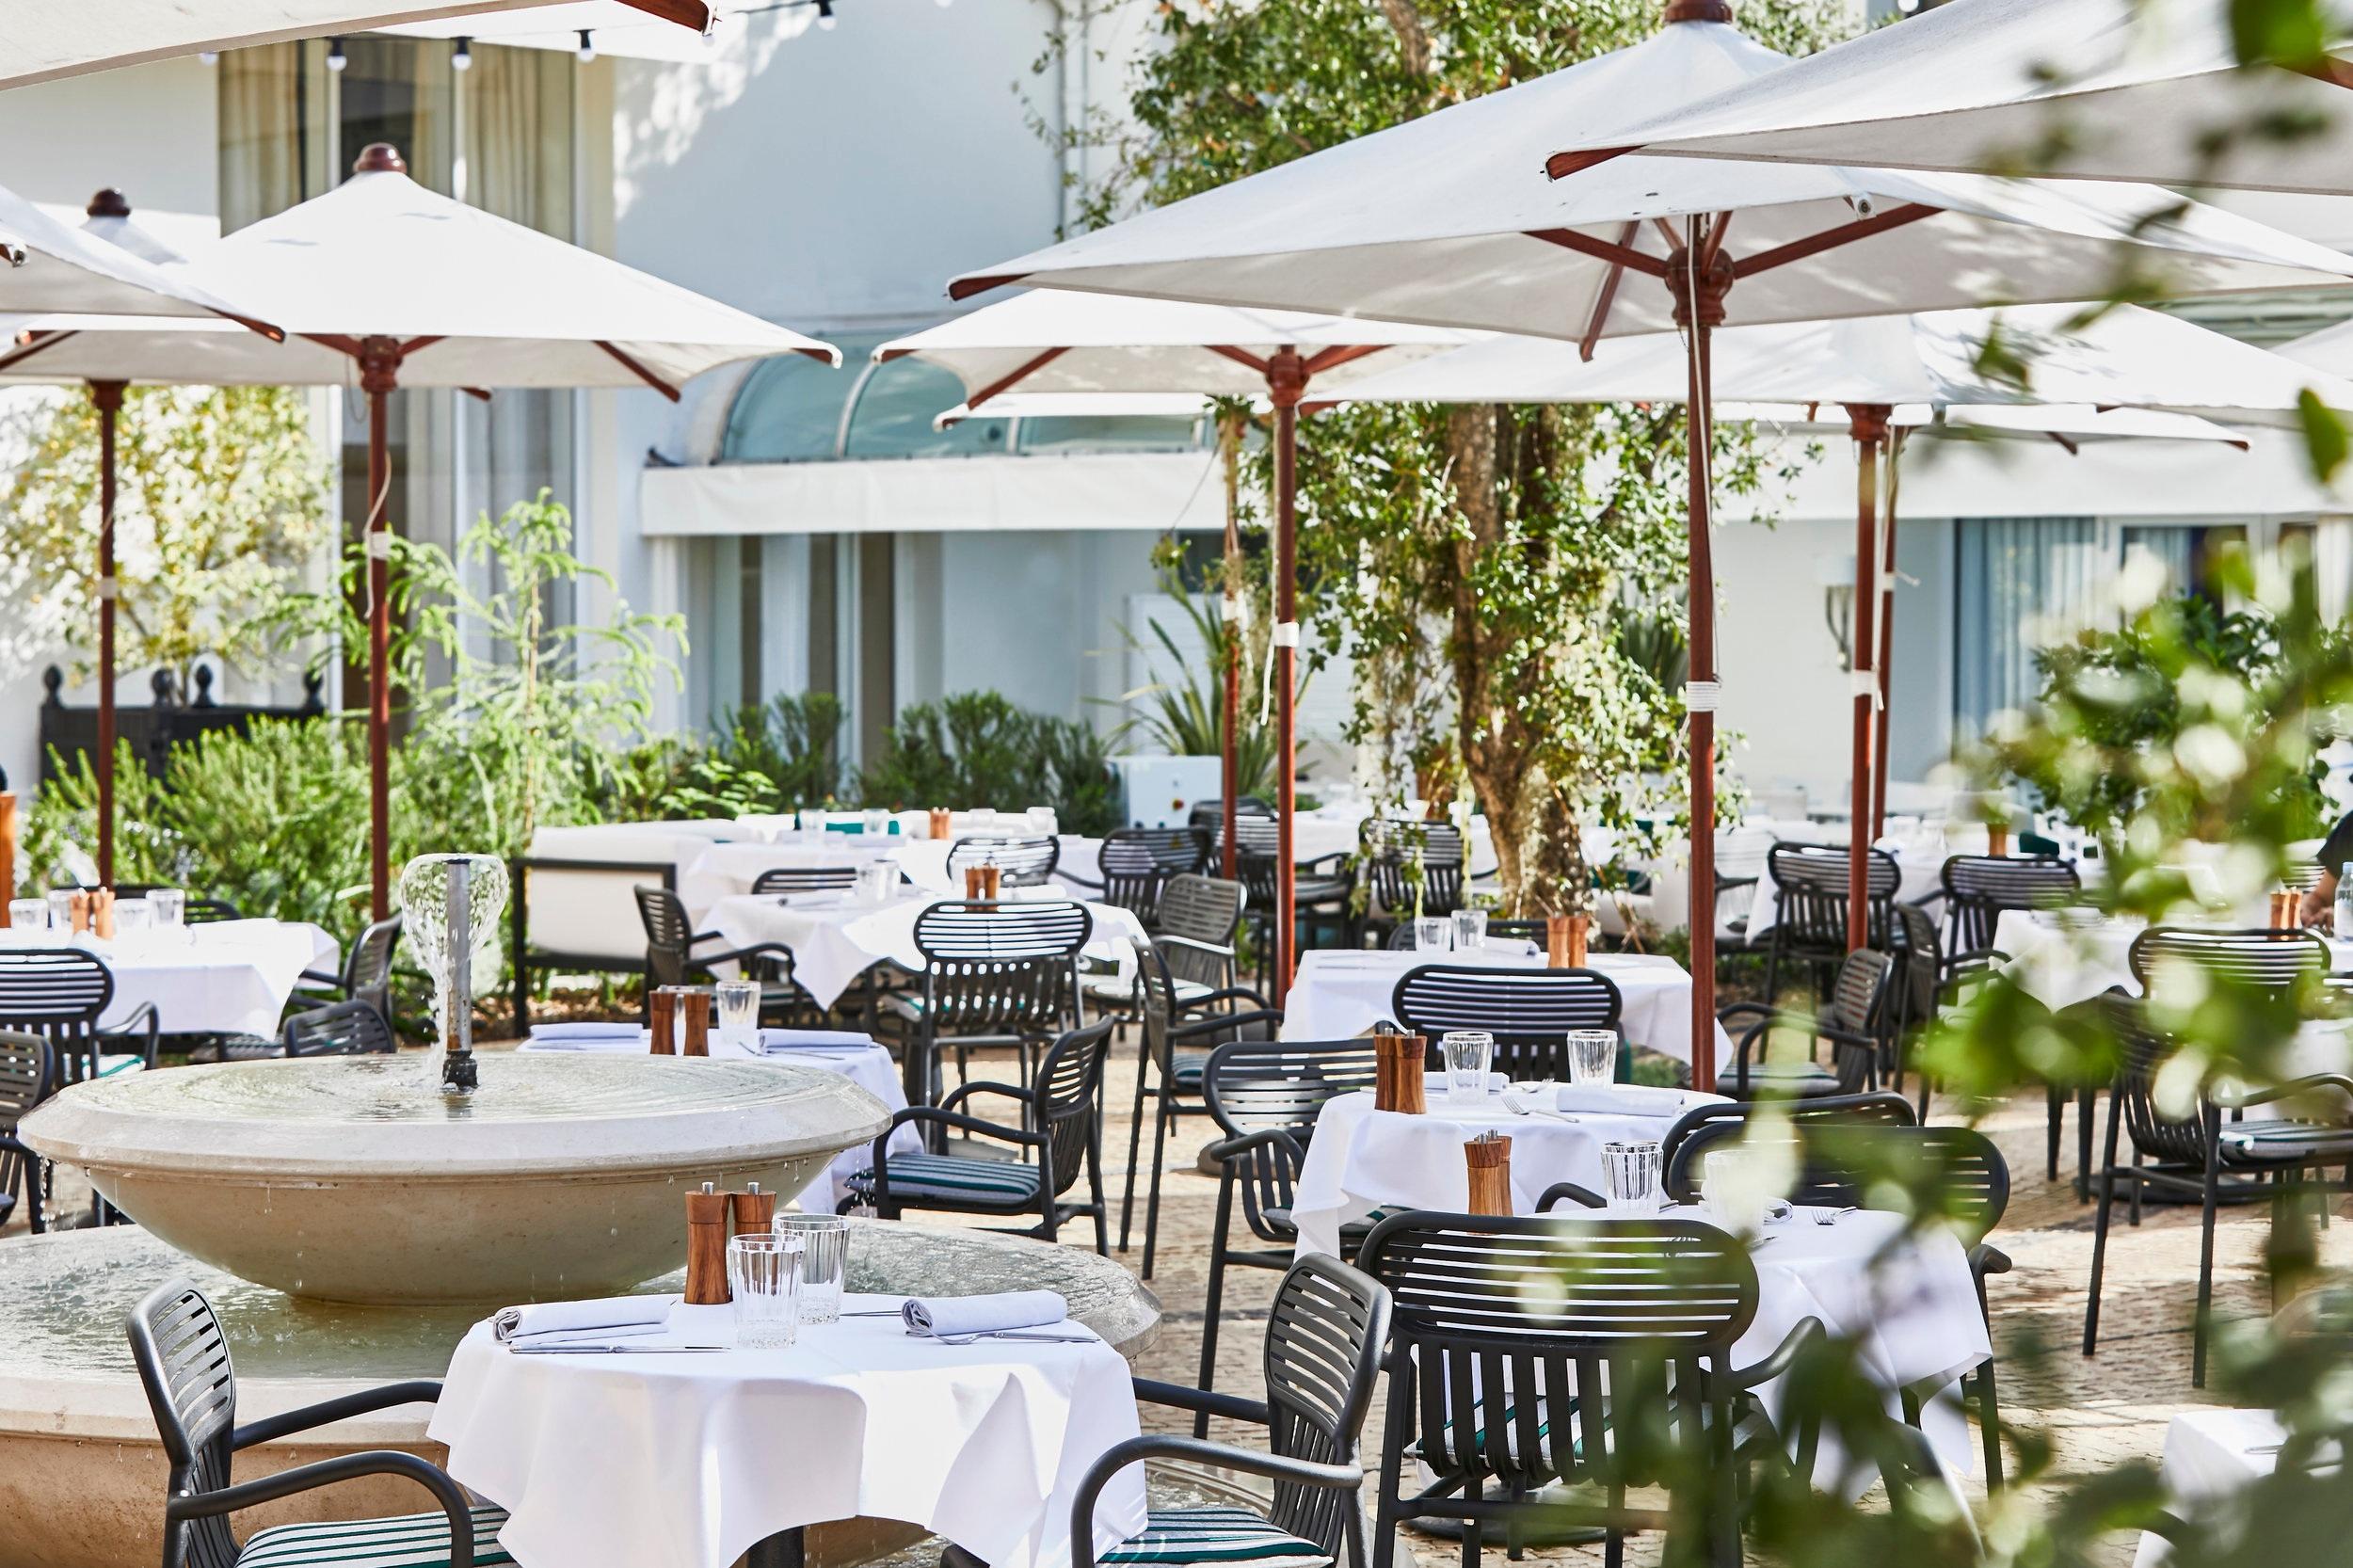 Le jardin du martinez - La Croisette has a new and exclusive place to mix and mingle, Le Jardin du Martinez, a unique, verdant getaway, a bucolic setting crafted by landscape architect Philippe Niez.